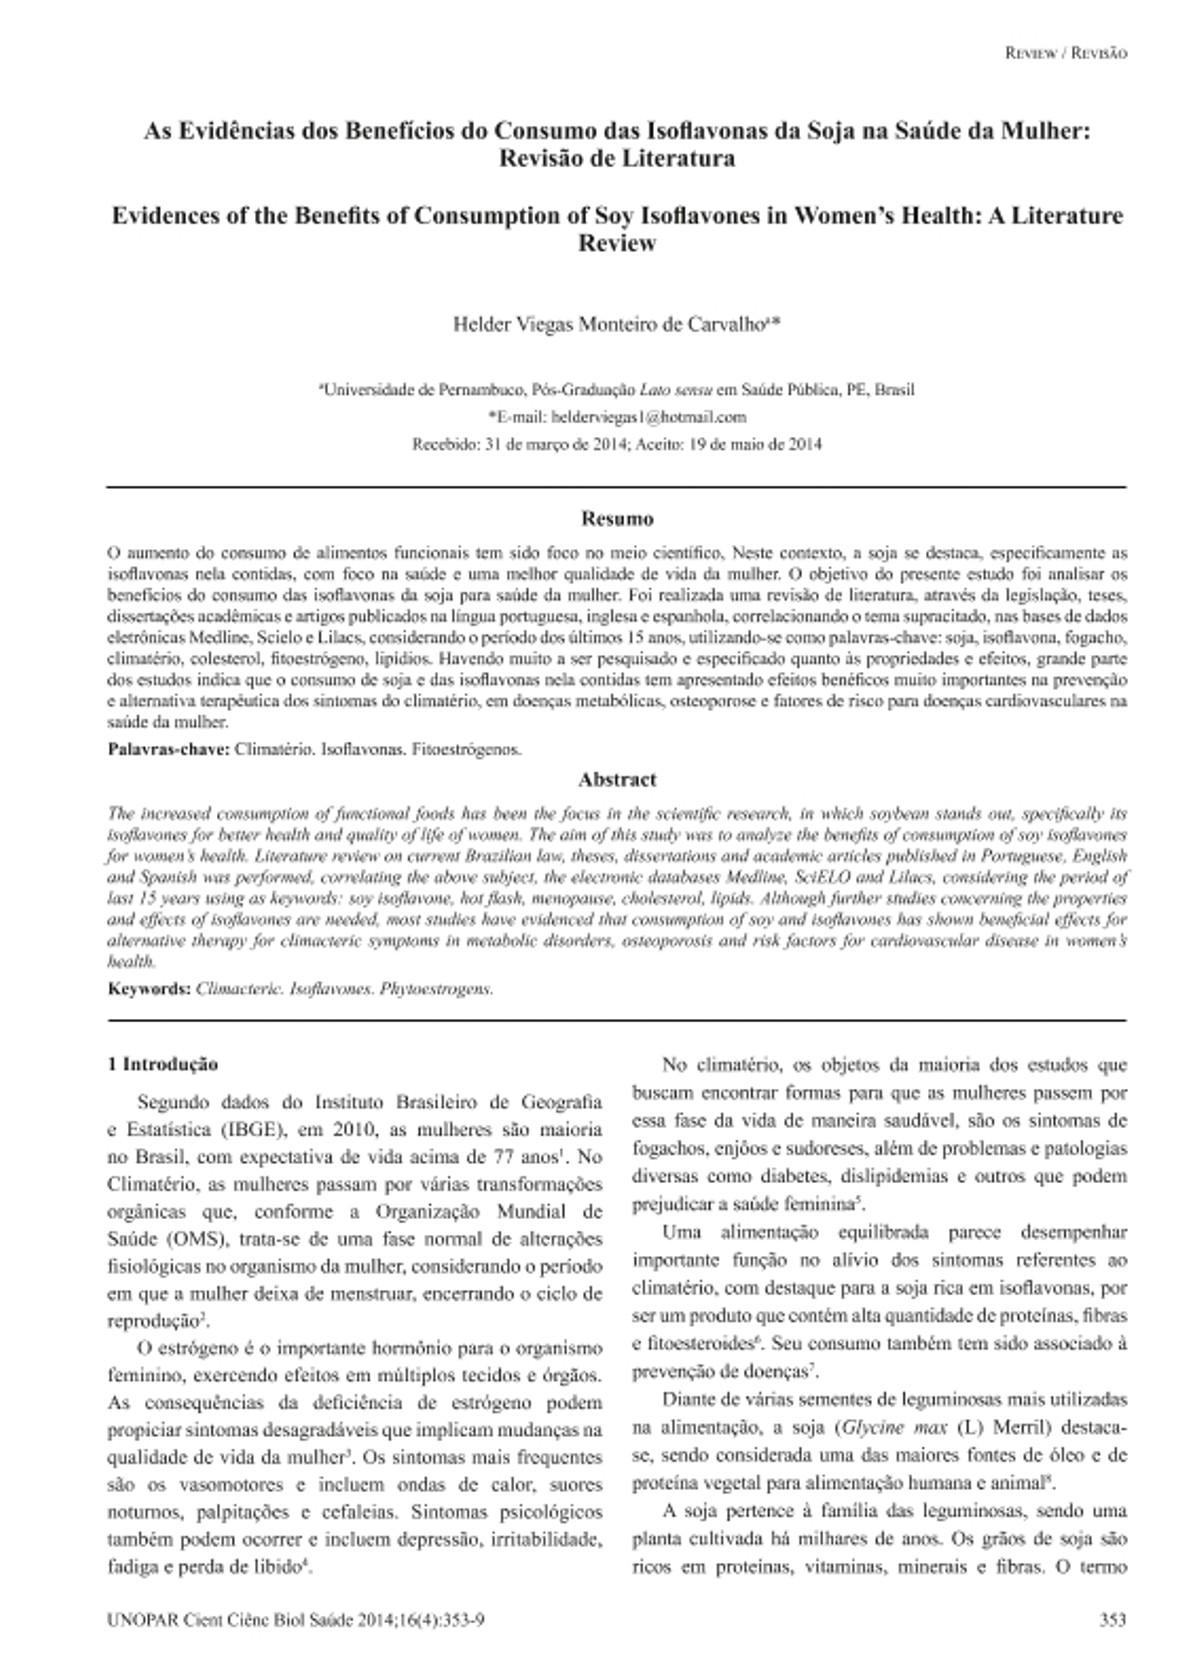 Pre-visualização do material As Evidências dos Benefícios do Consumo das Isoflavonas da Soja na Saúde da Mulher: Revisão de Literatura - página 1